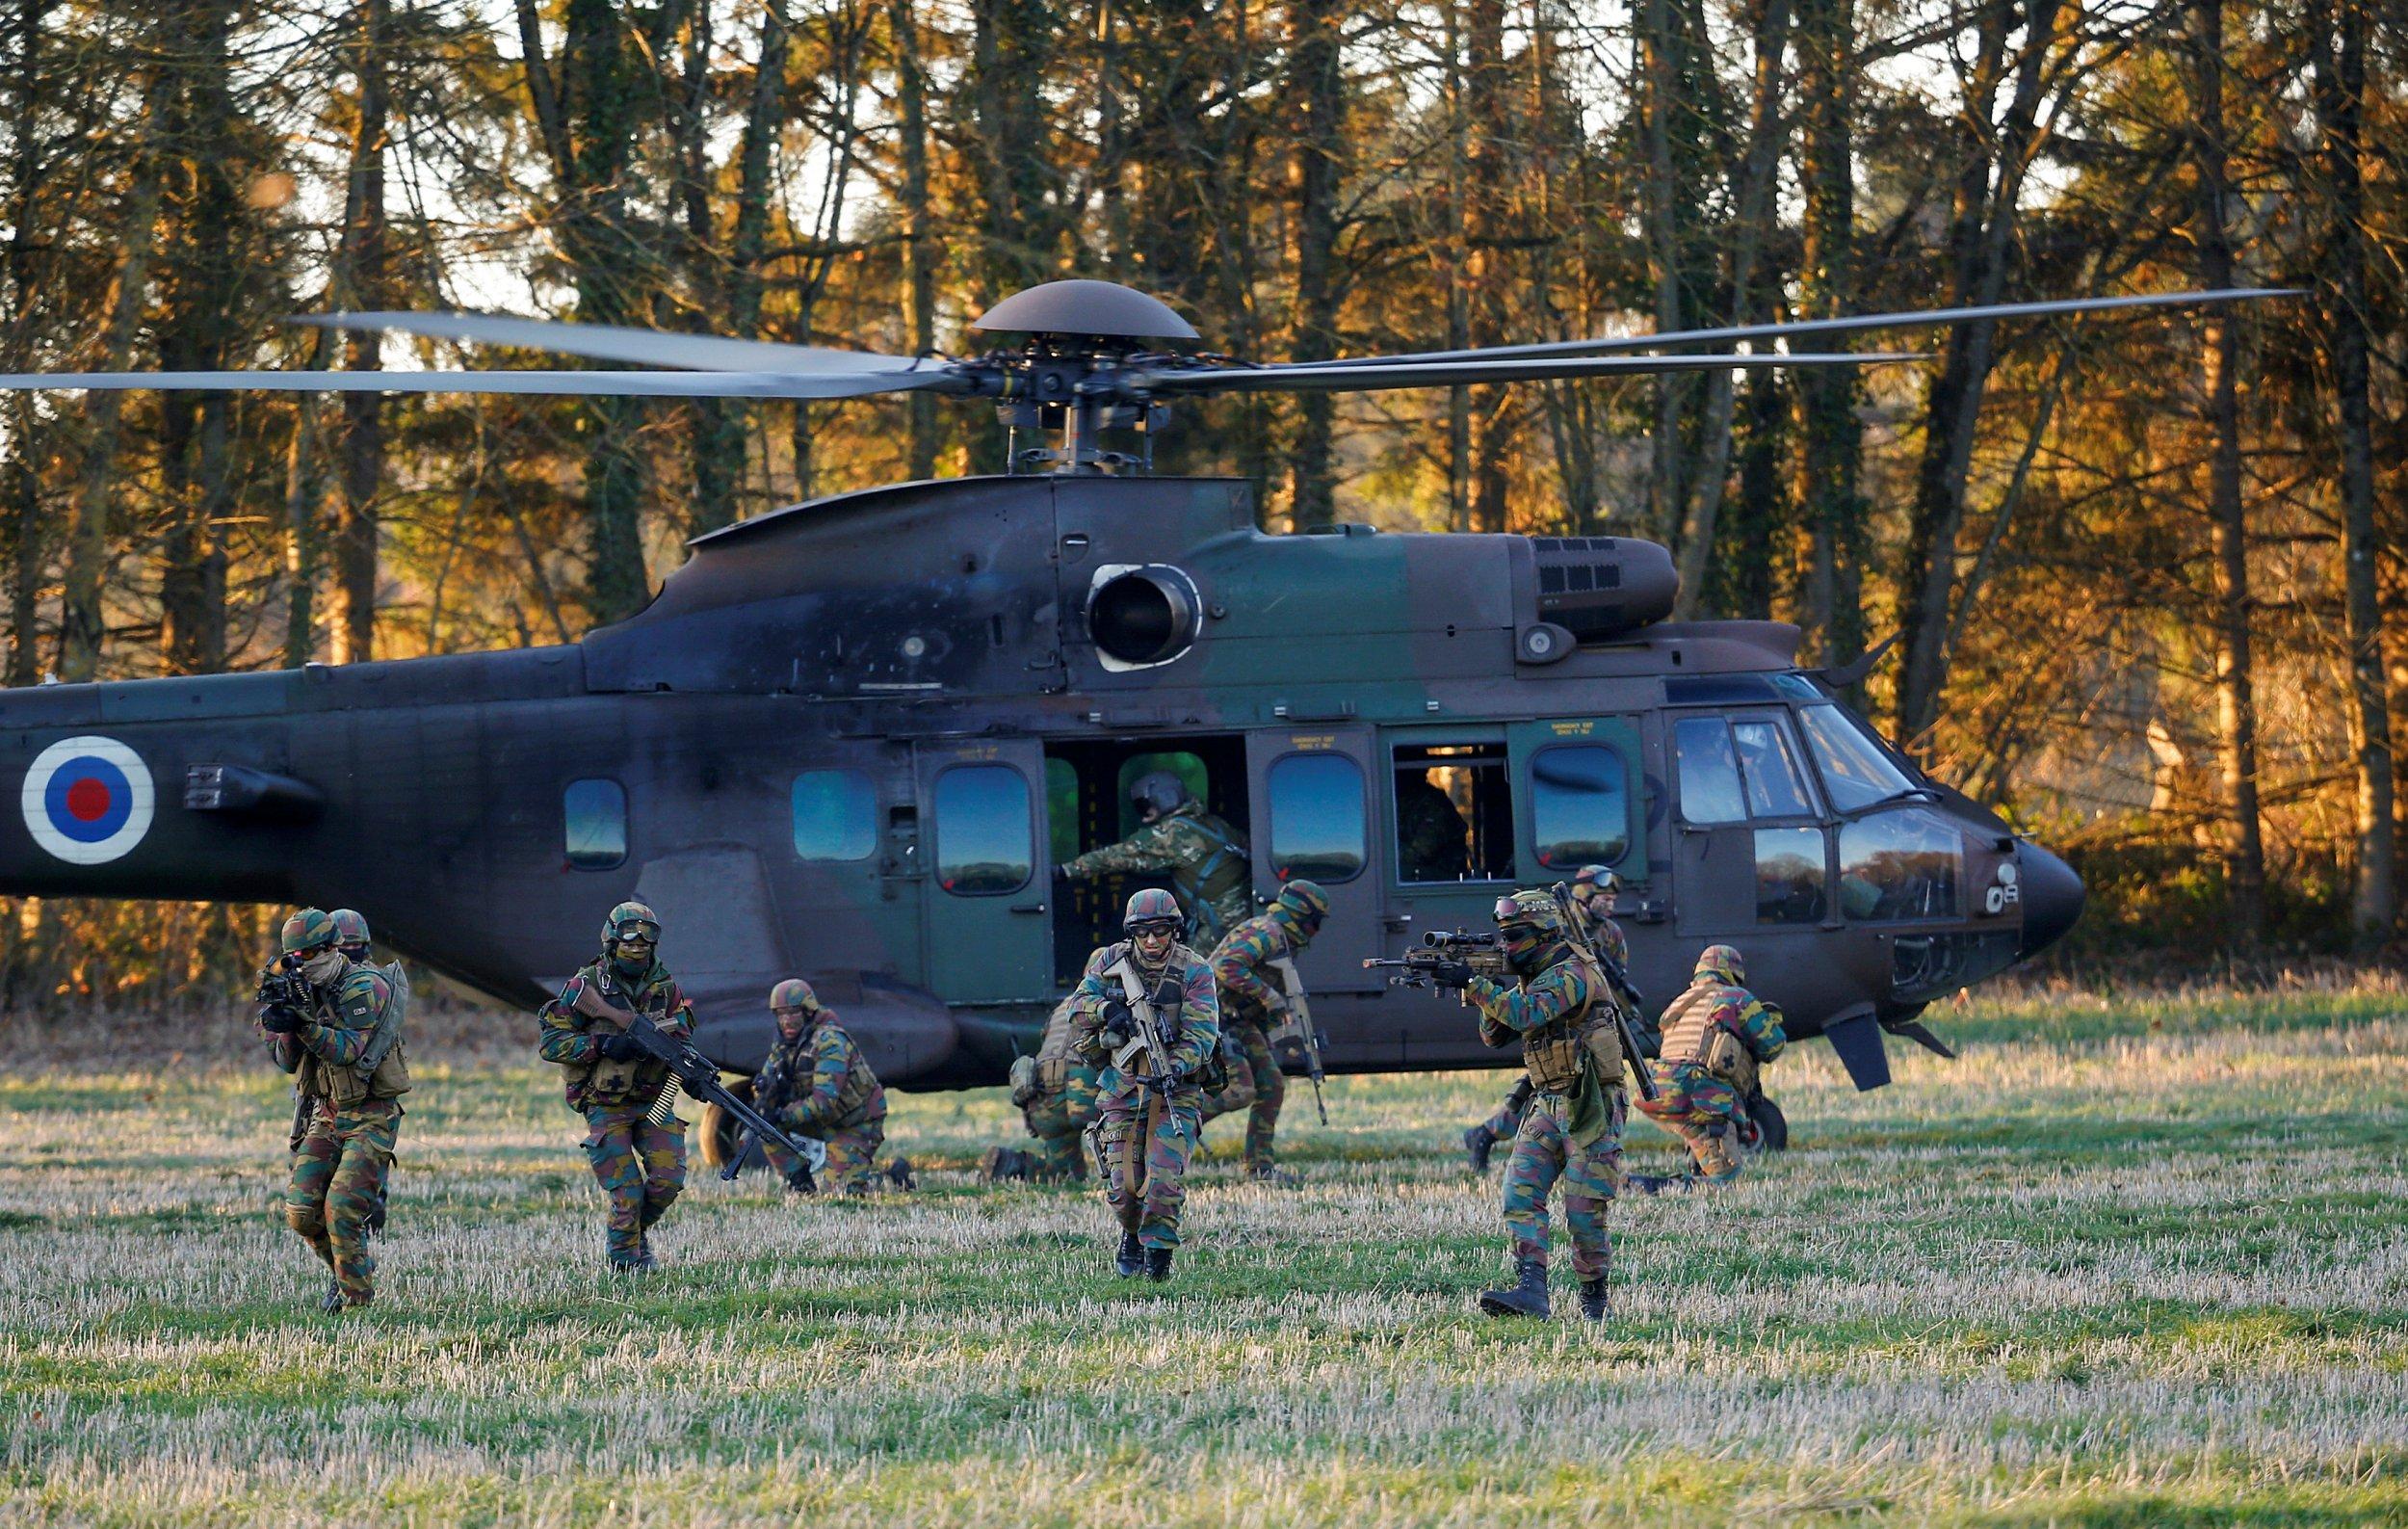 Belgian troops